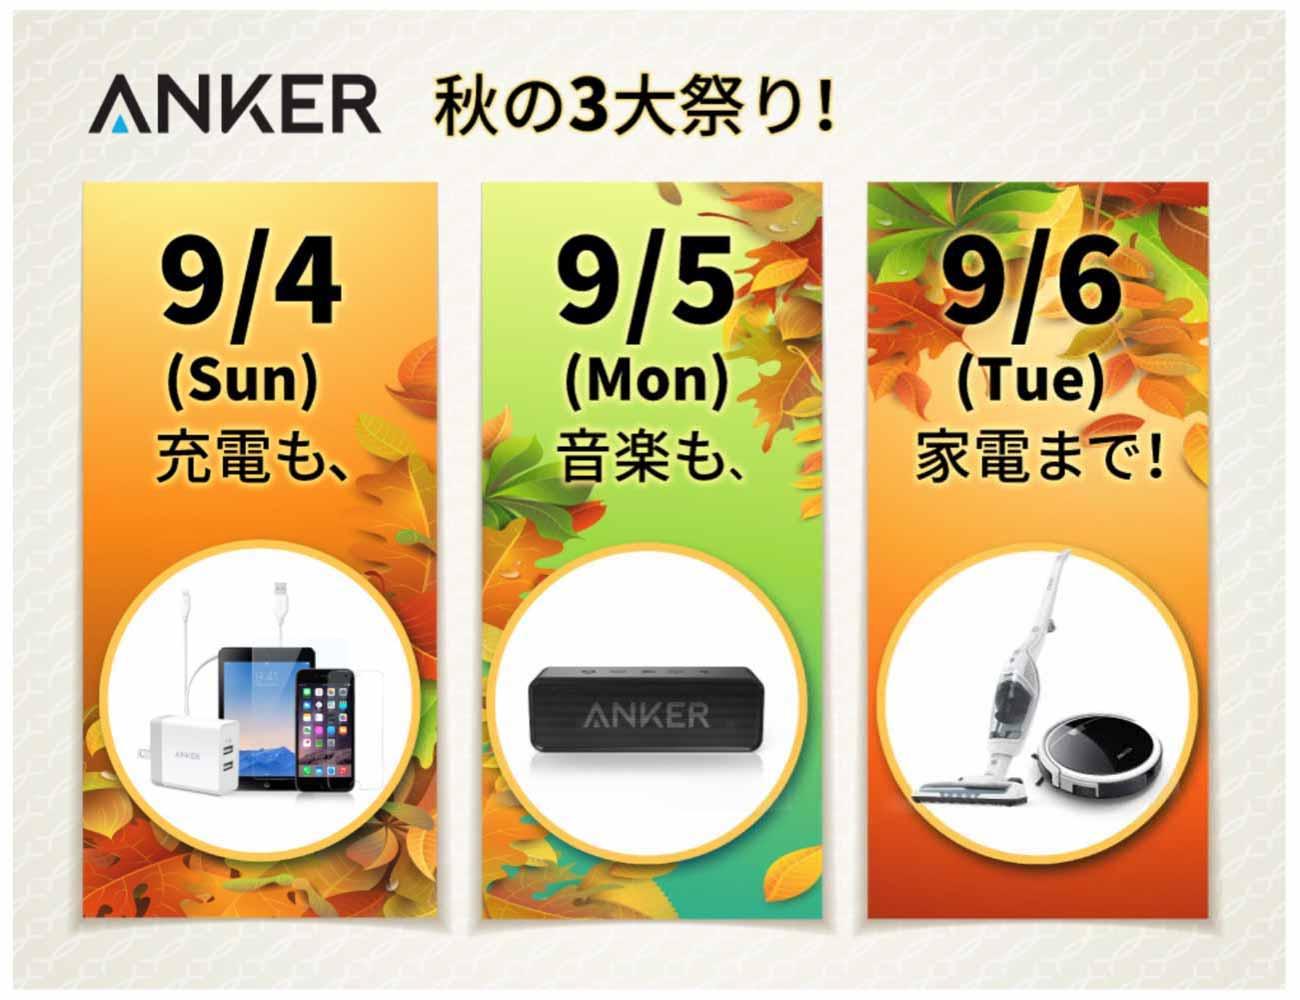 「Anker秋の3大祭り」〜 2日目はポータブル Bluetooth スピーカー「Anker SoundCore」